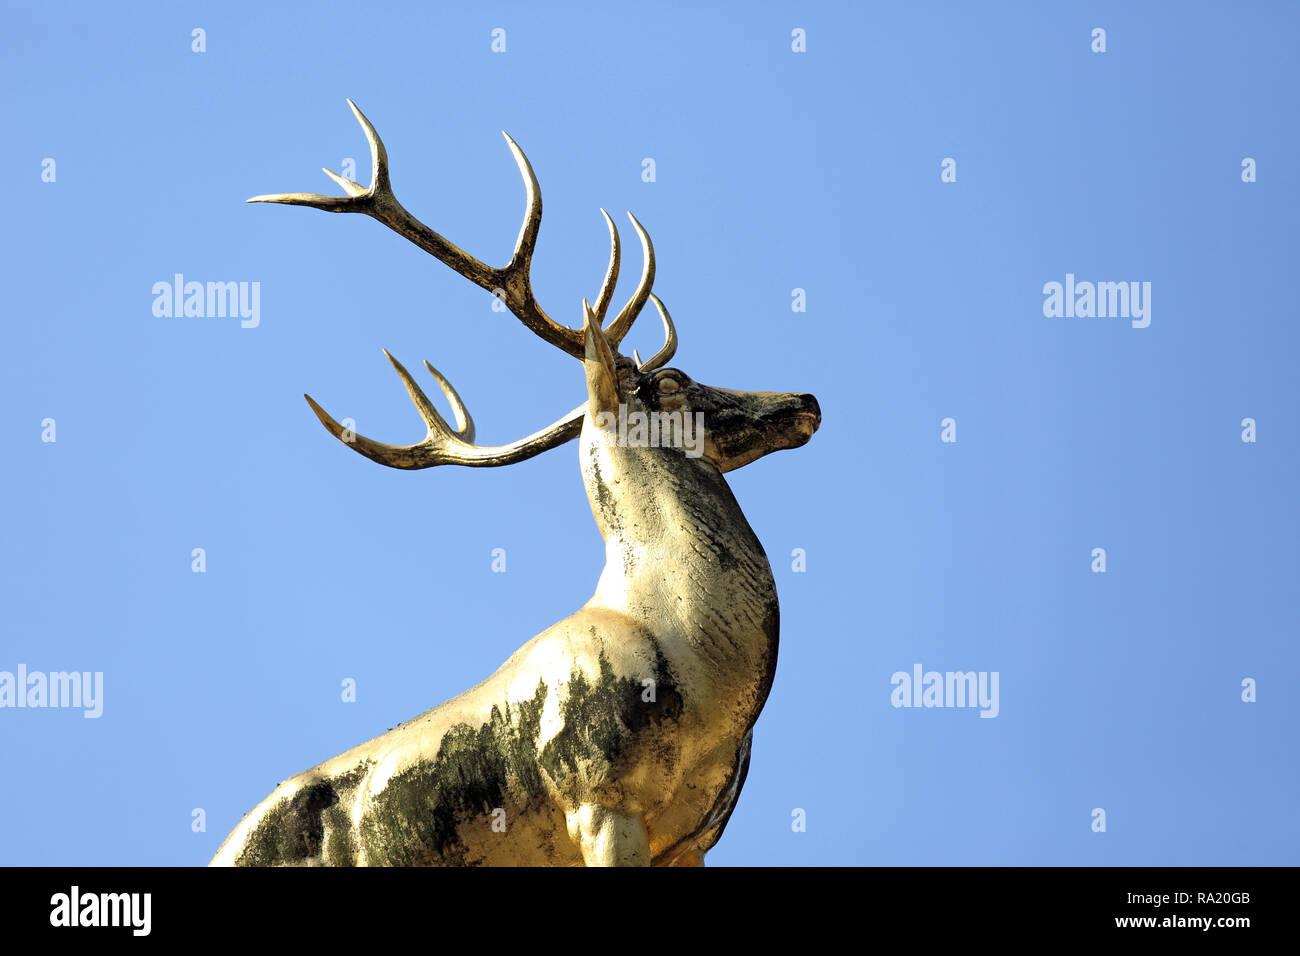 20.04.2018, Berlin, Berlin, Deutschland, Goldener Hirsch im Rudolph-Wilde-Park. 00S180420D064CARO.JPG [MODEL RELEASE: NOT APPLICABLE, PROPERTY RELEASE Stock Photo